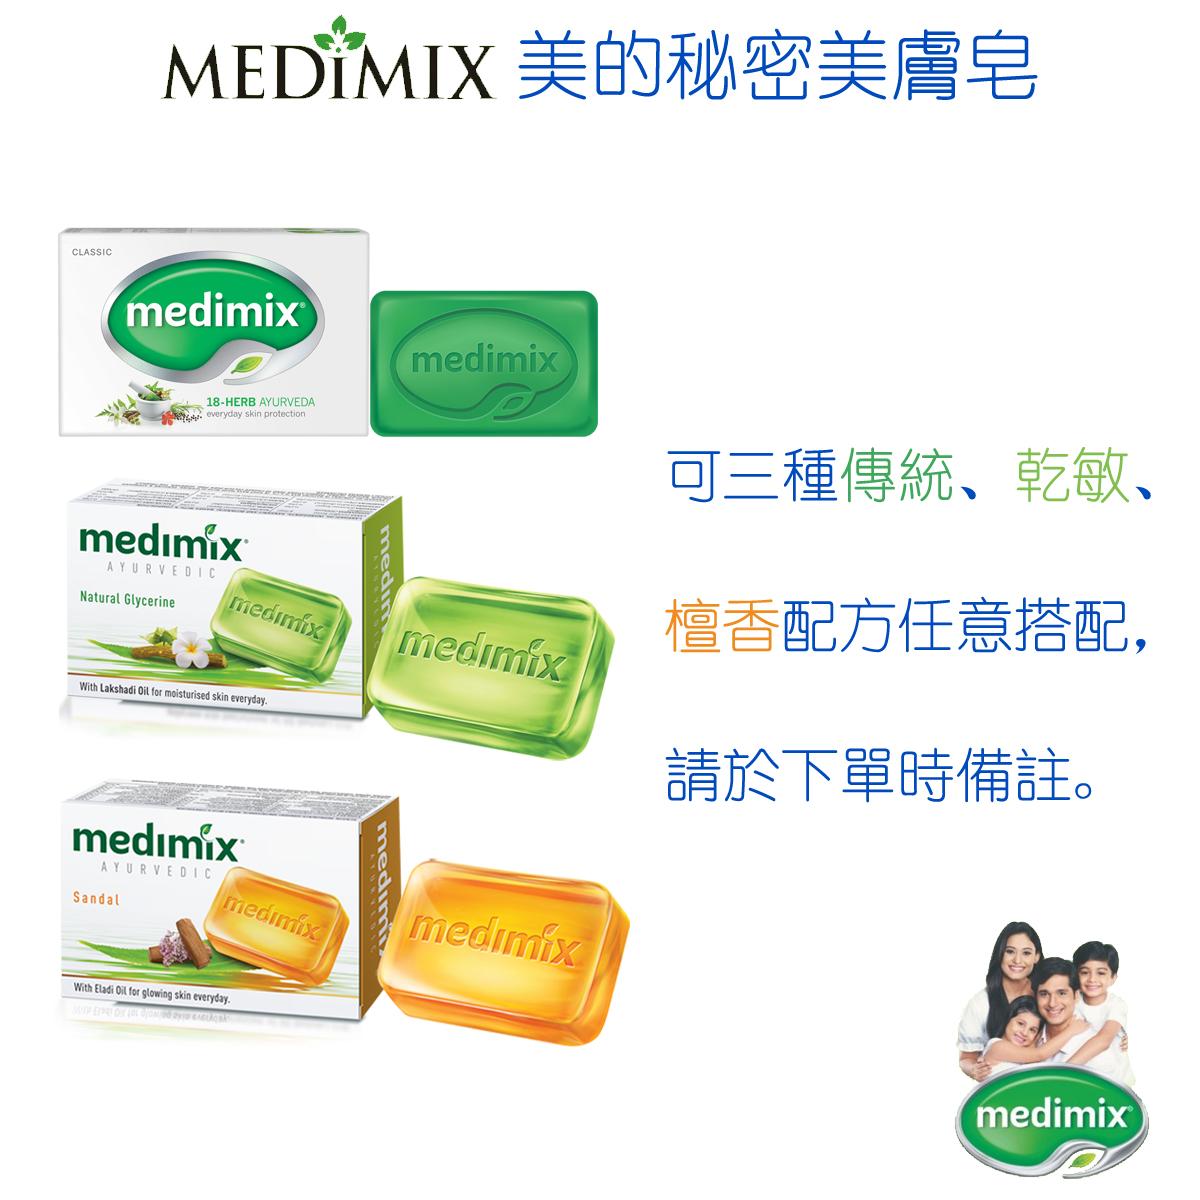 MEDIMIX美的秘密美膚皂 - 30入